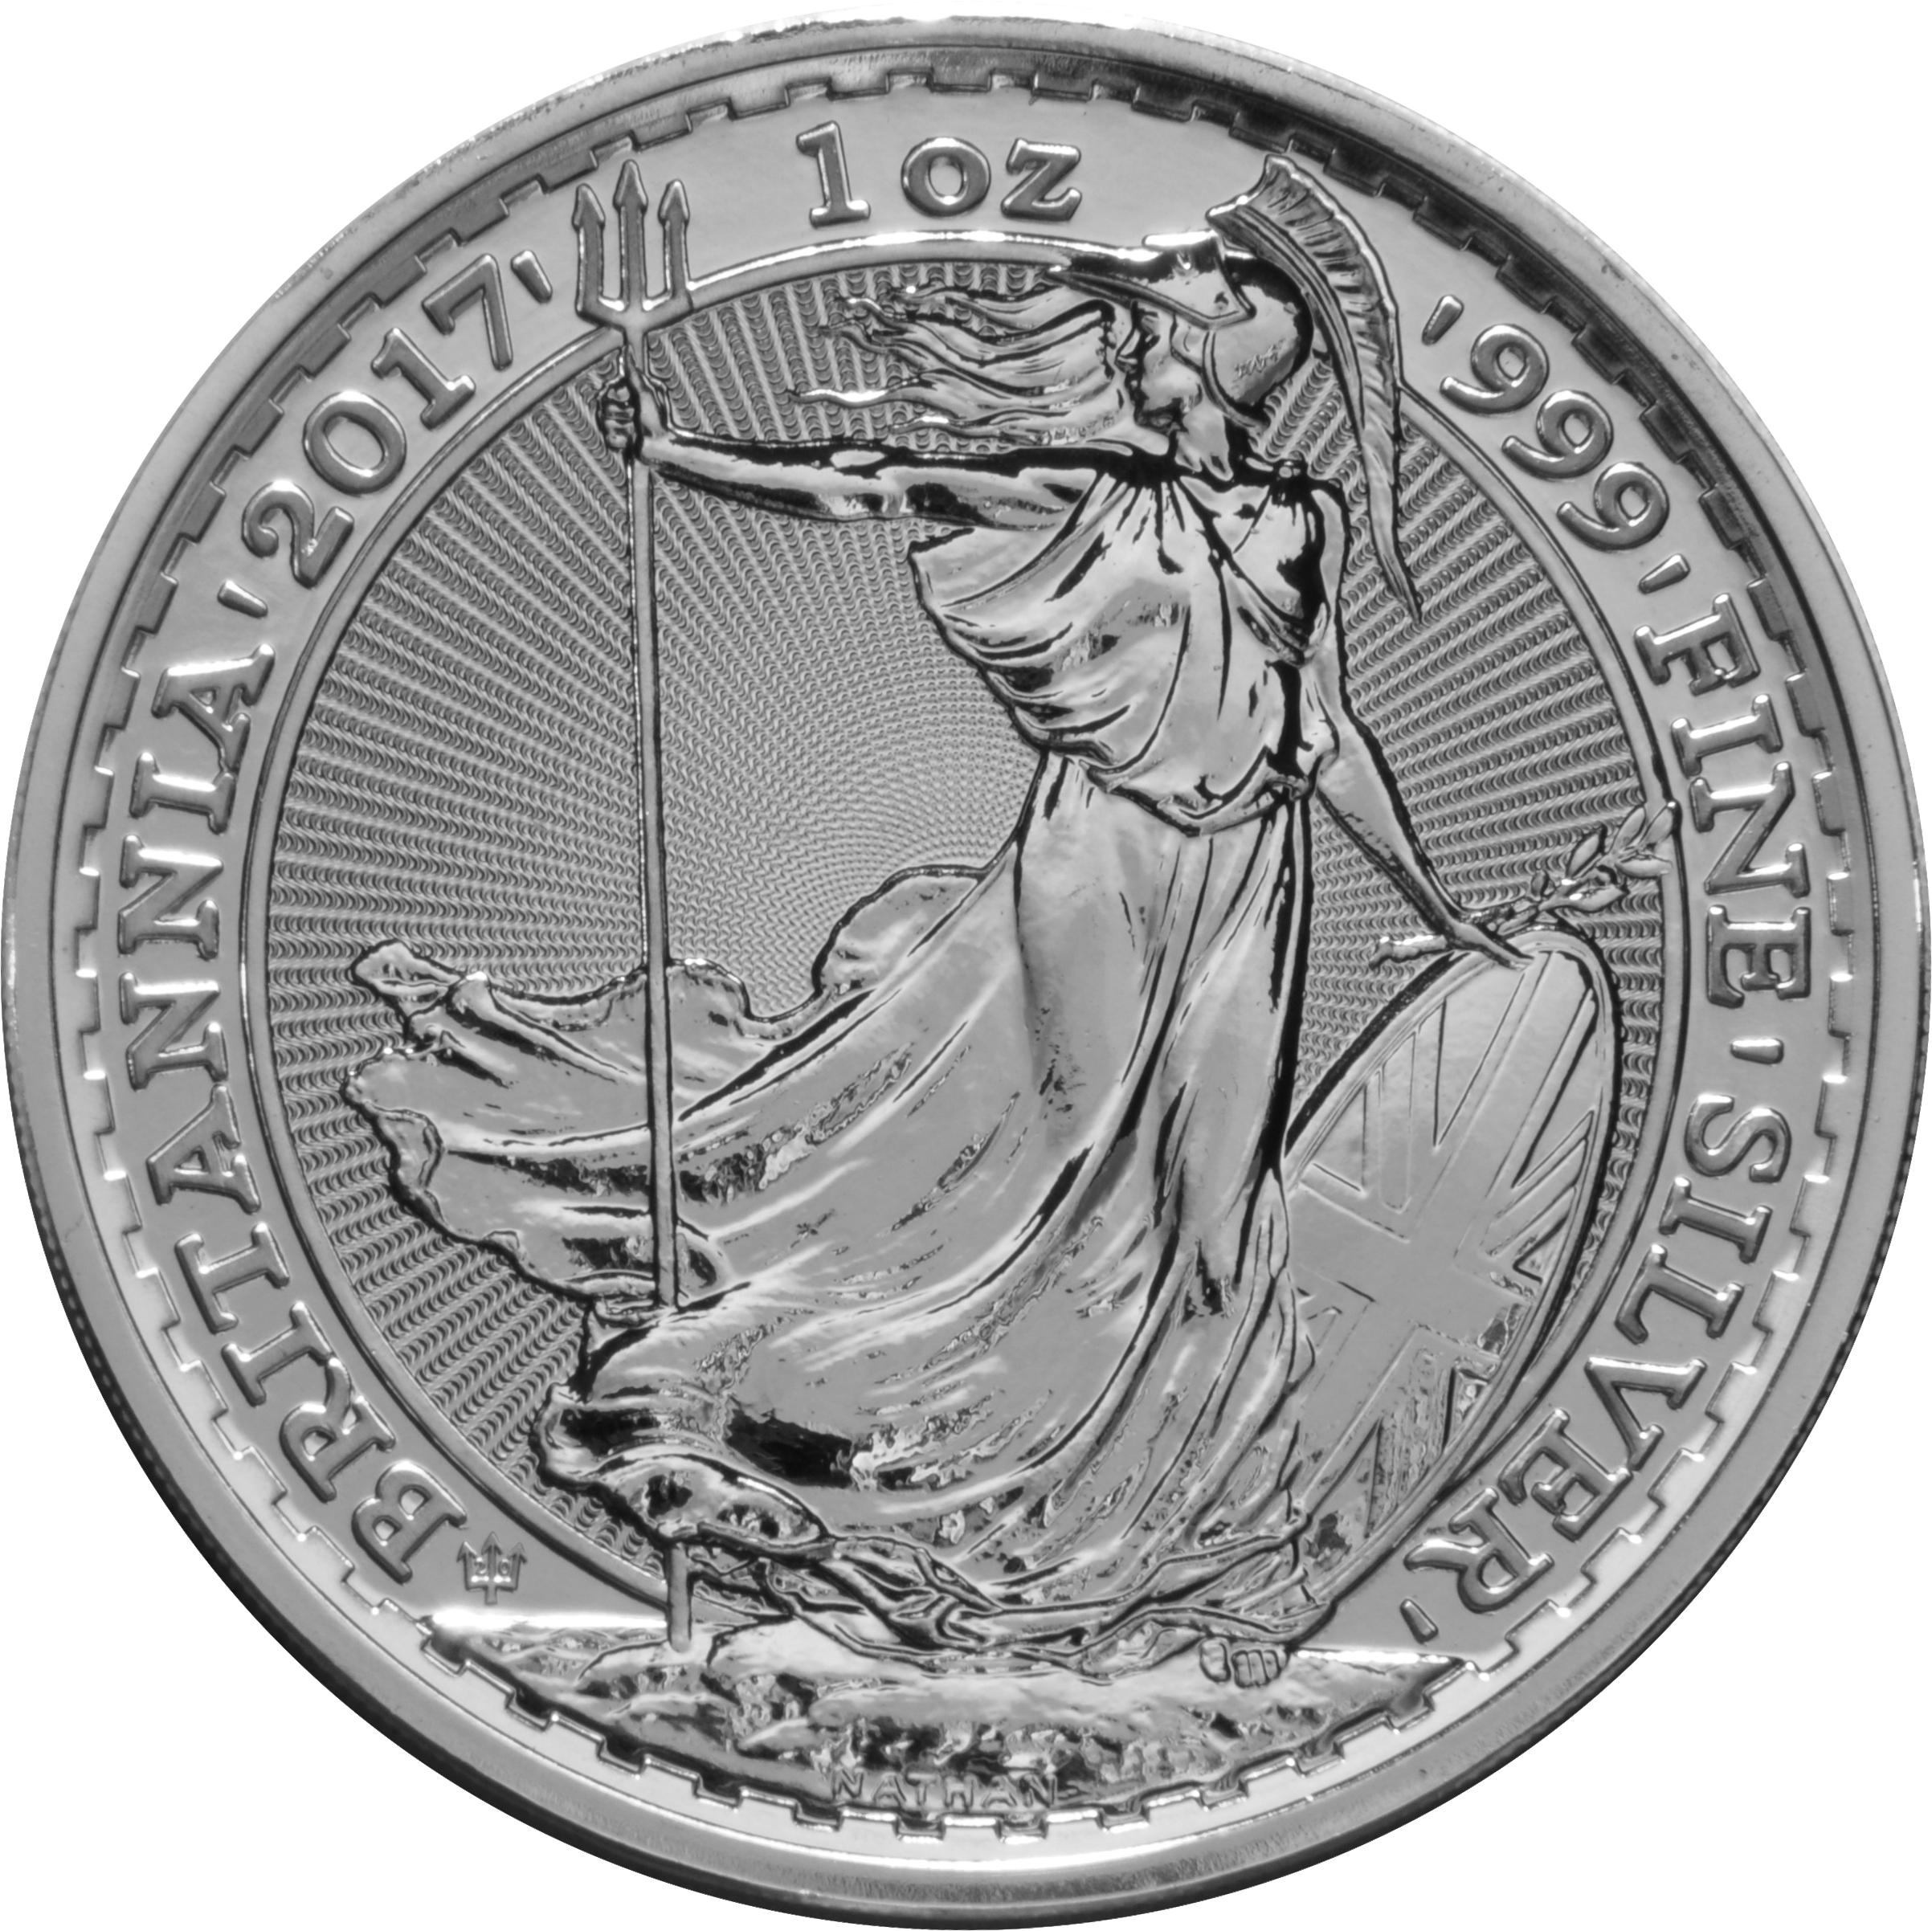 1oz Silver Britannia 20th Anniversary 24 02